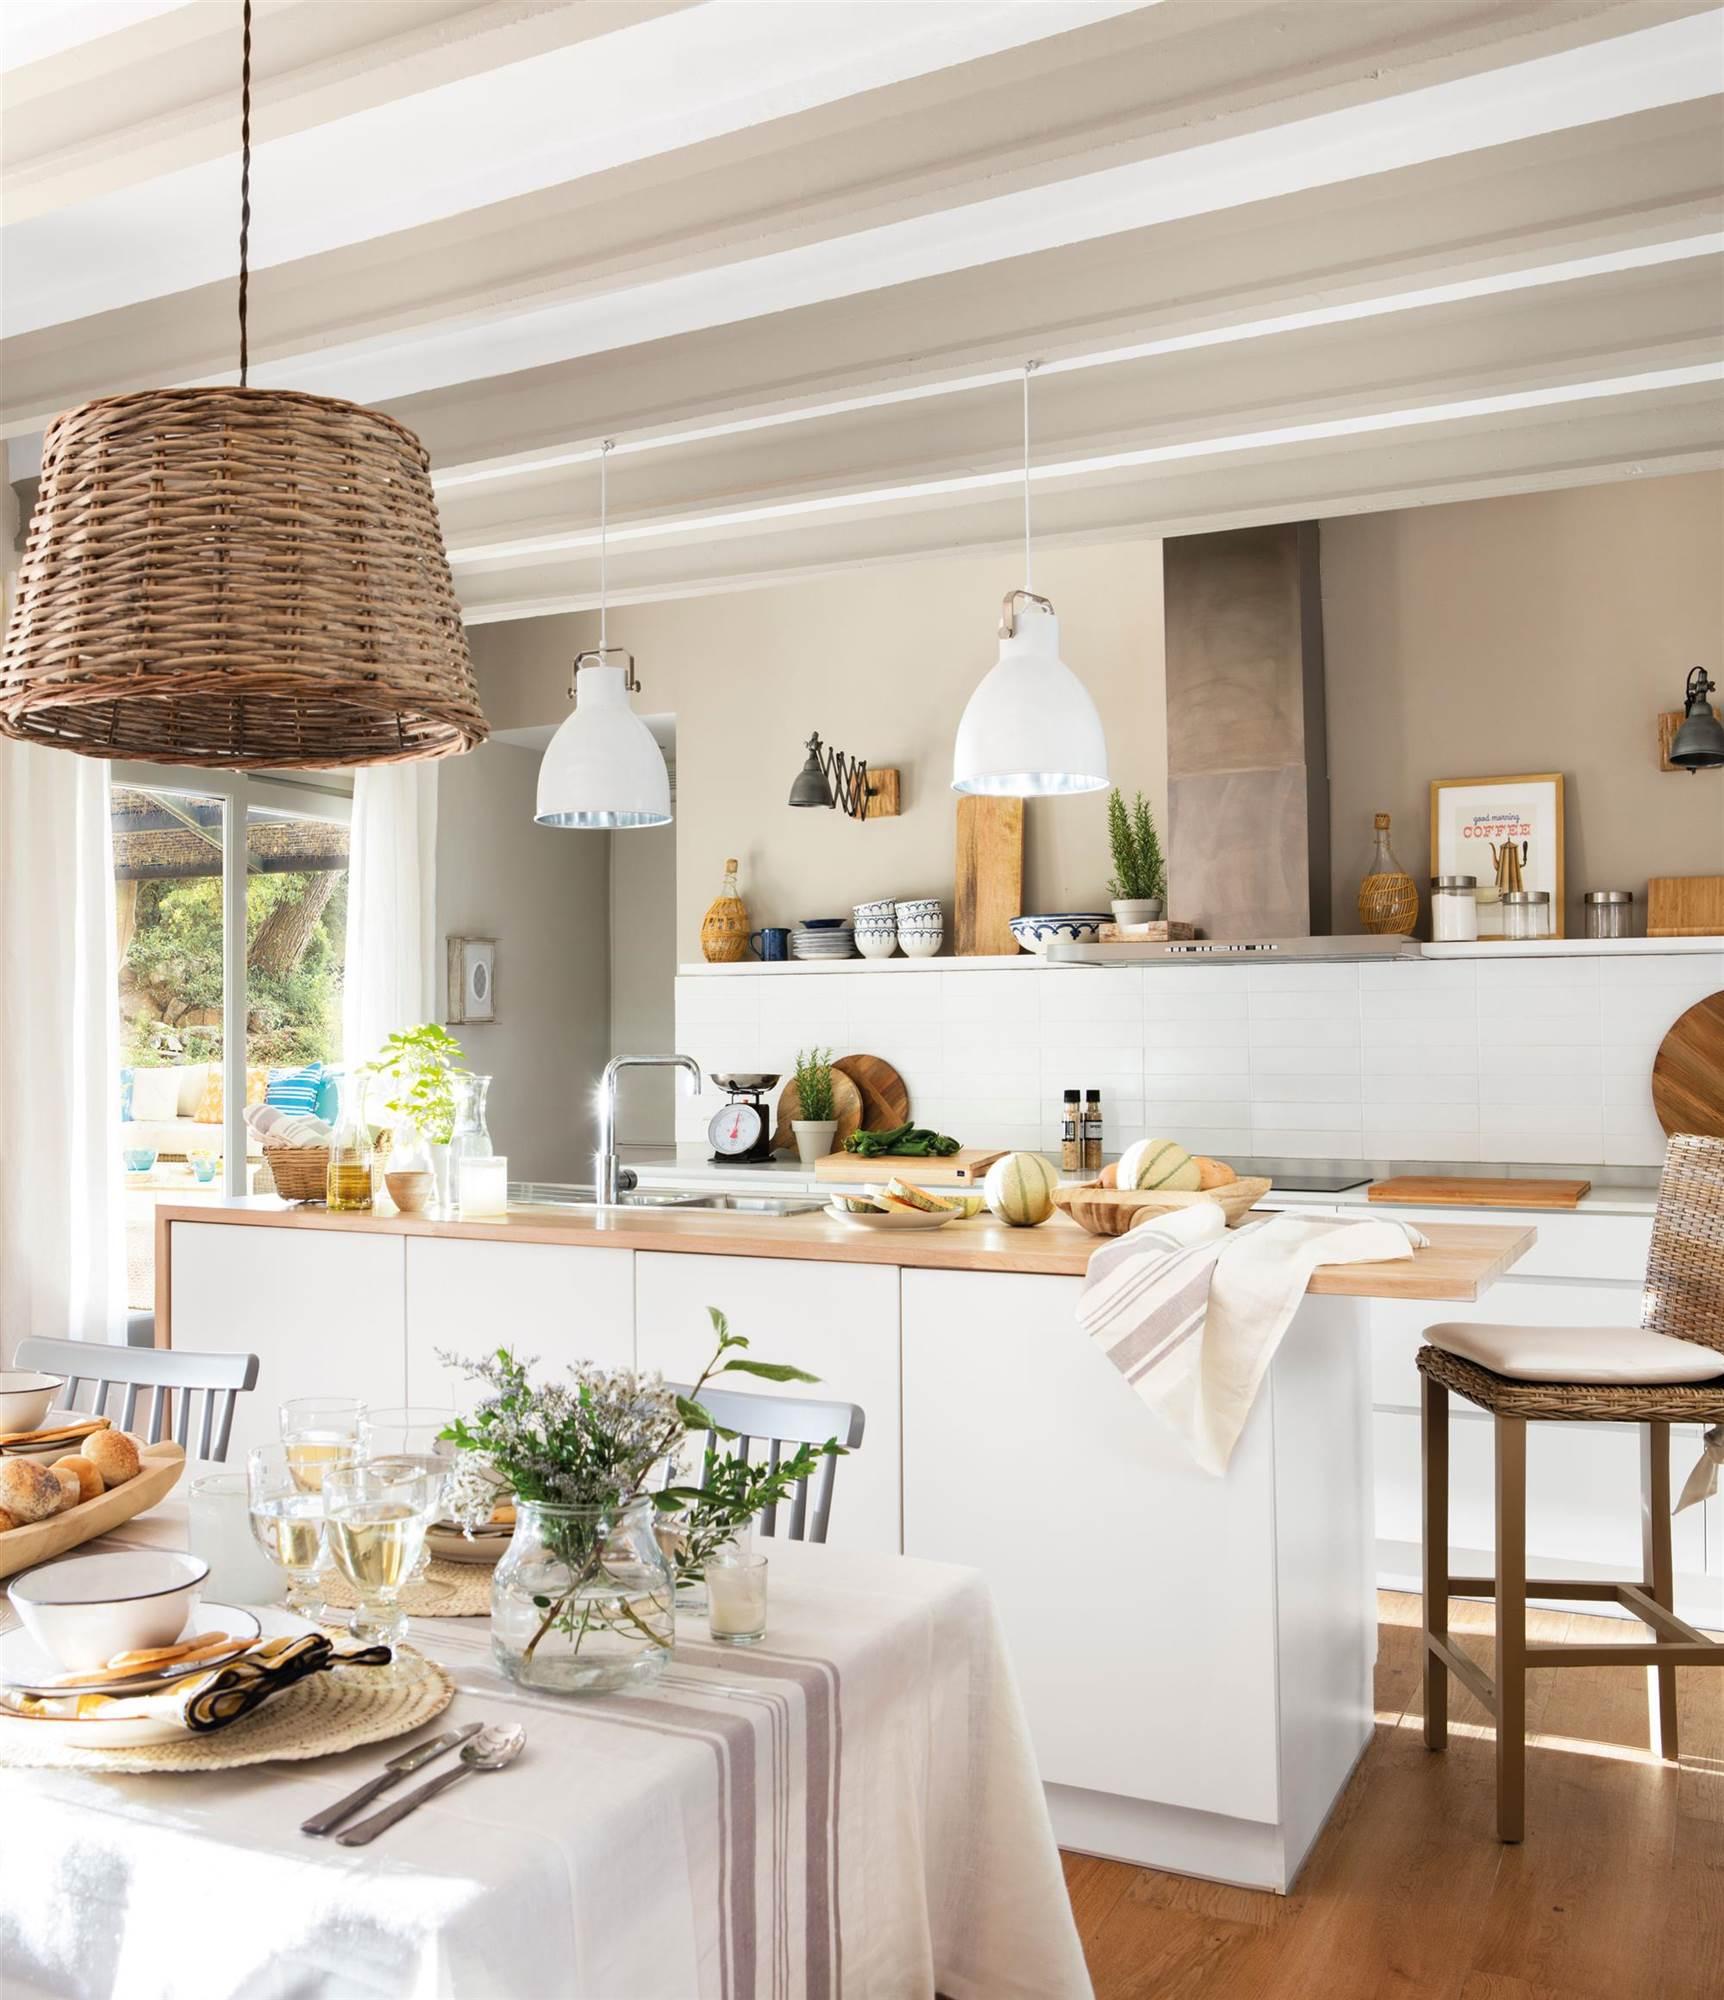 Cocinas pequeñas: ideas decorativas para aprovecharlas y ganar espacio